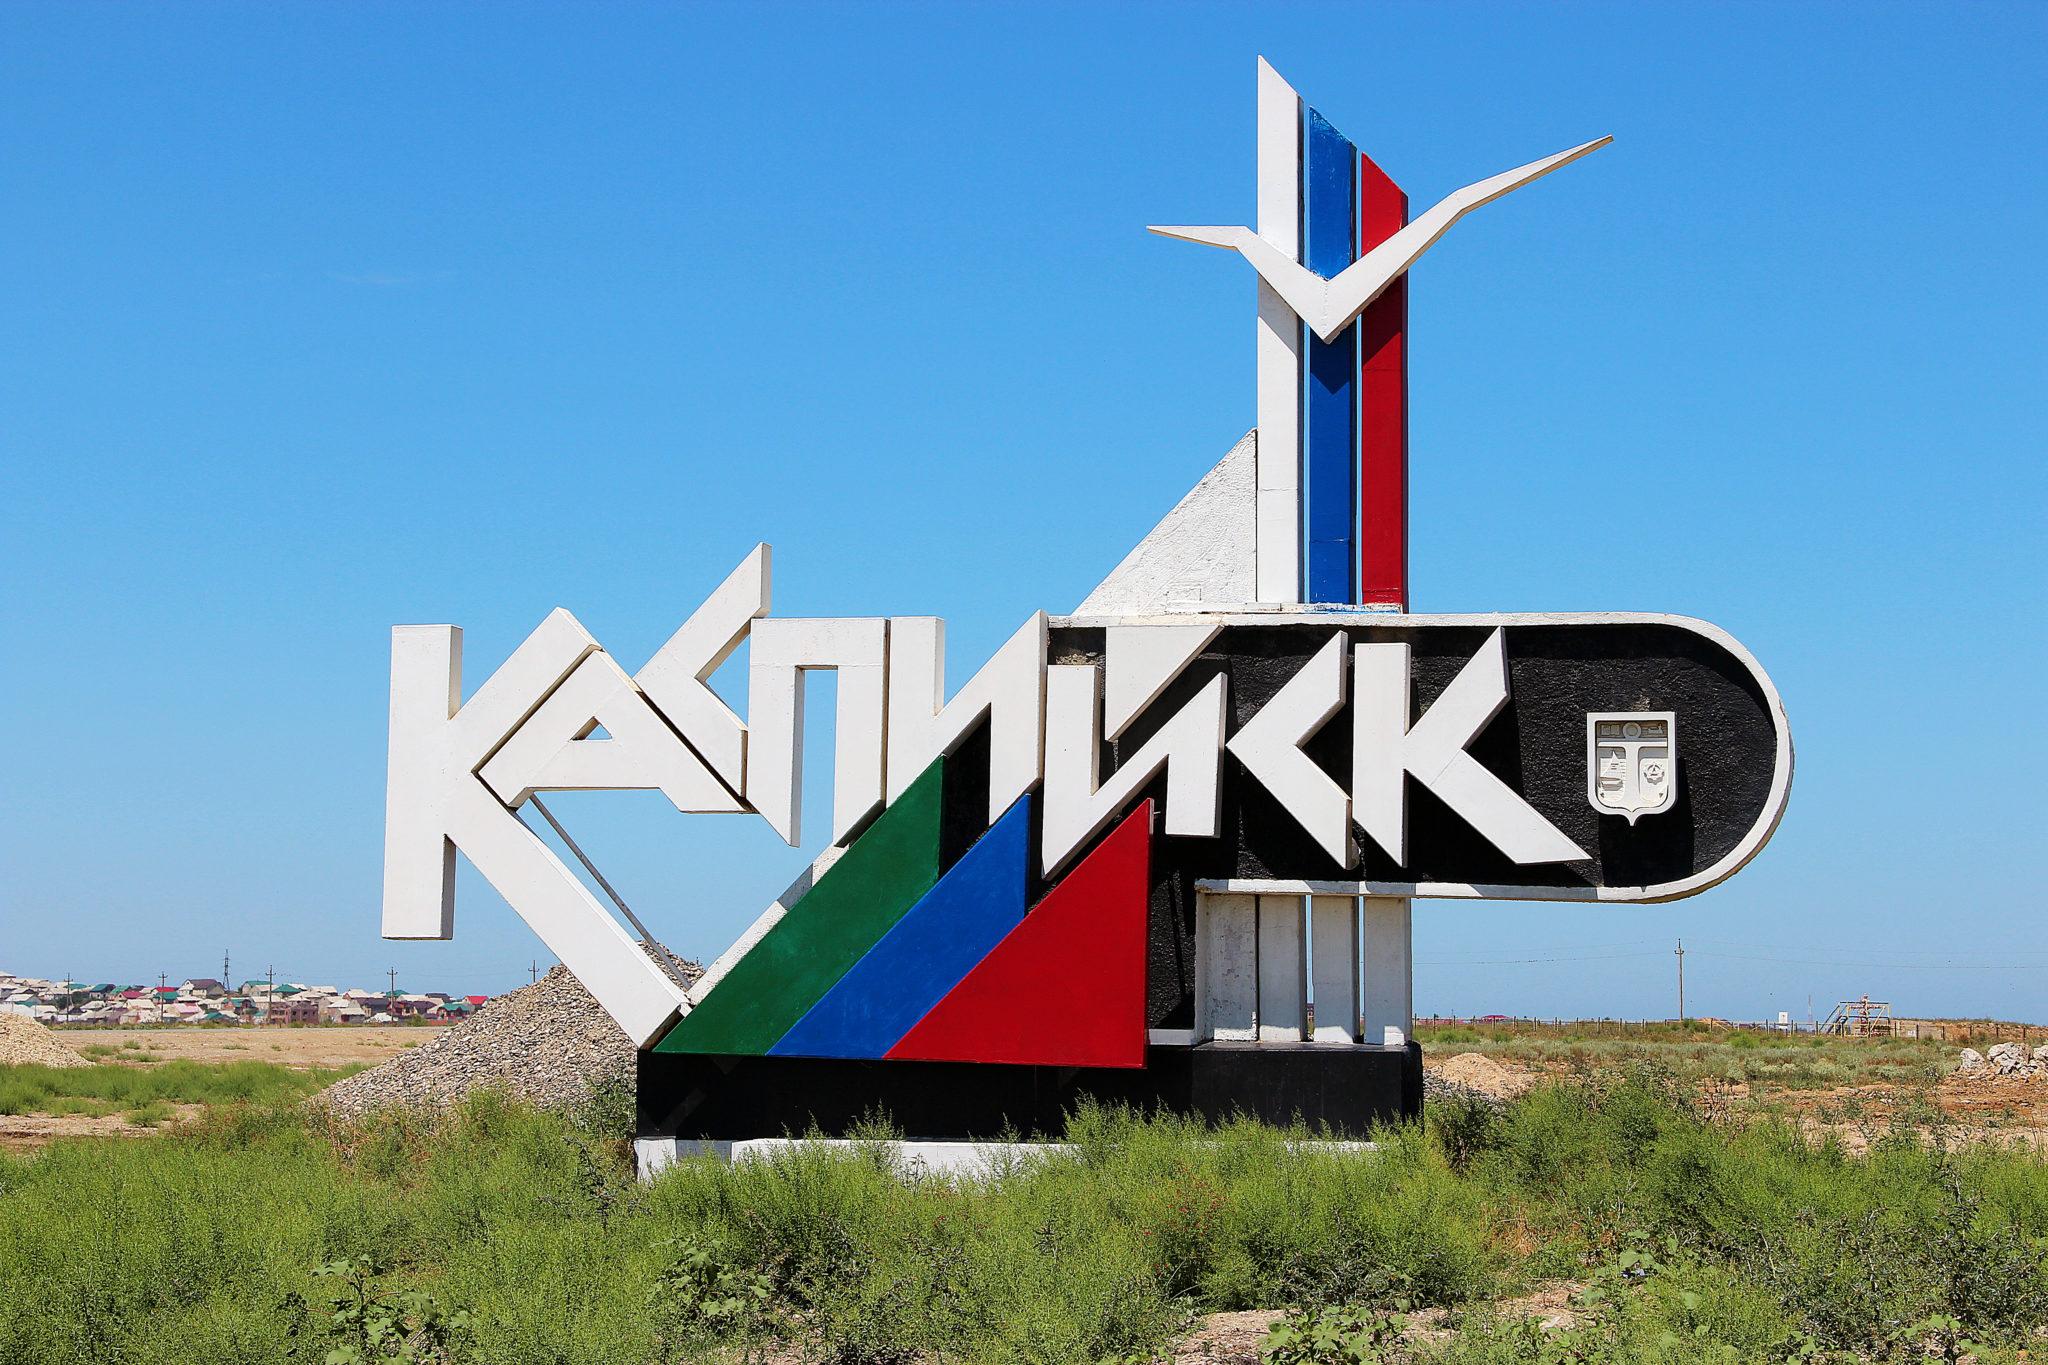 У ТОCЭР «Каспийск» появились новые резиденты